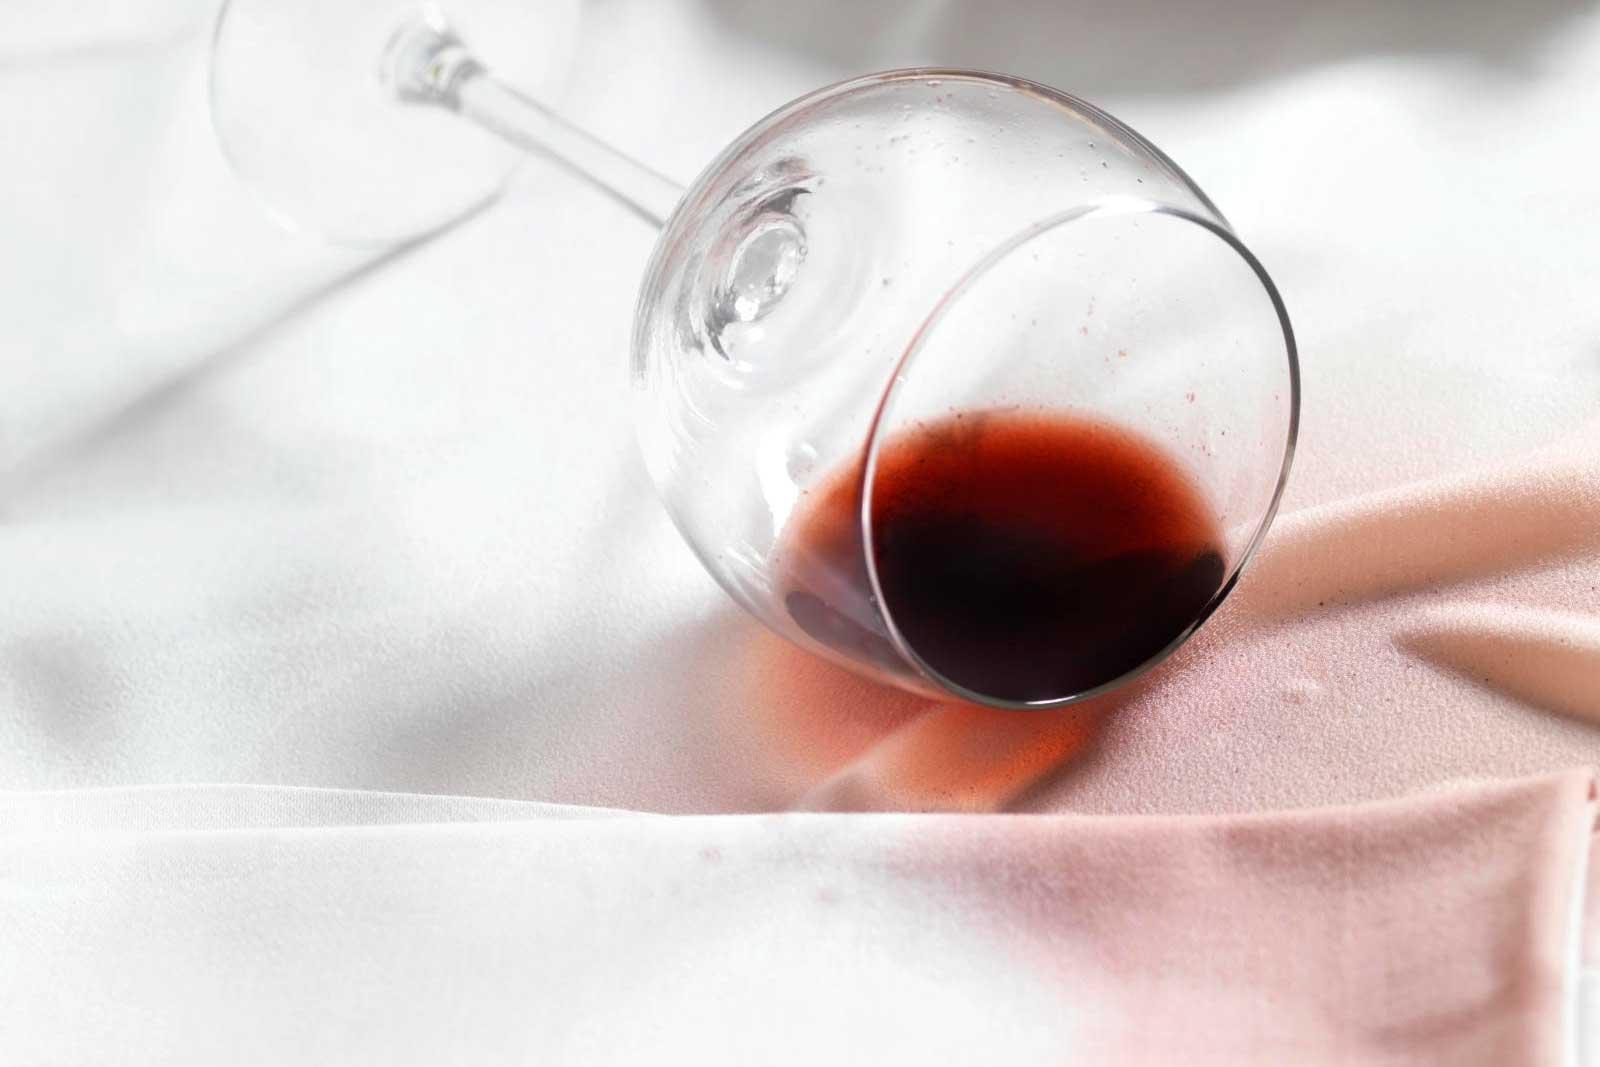 Quitar mancha de vino